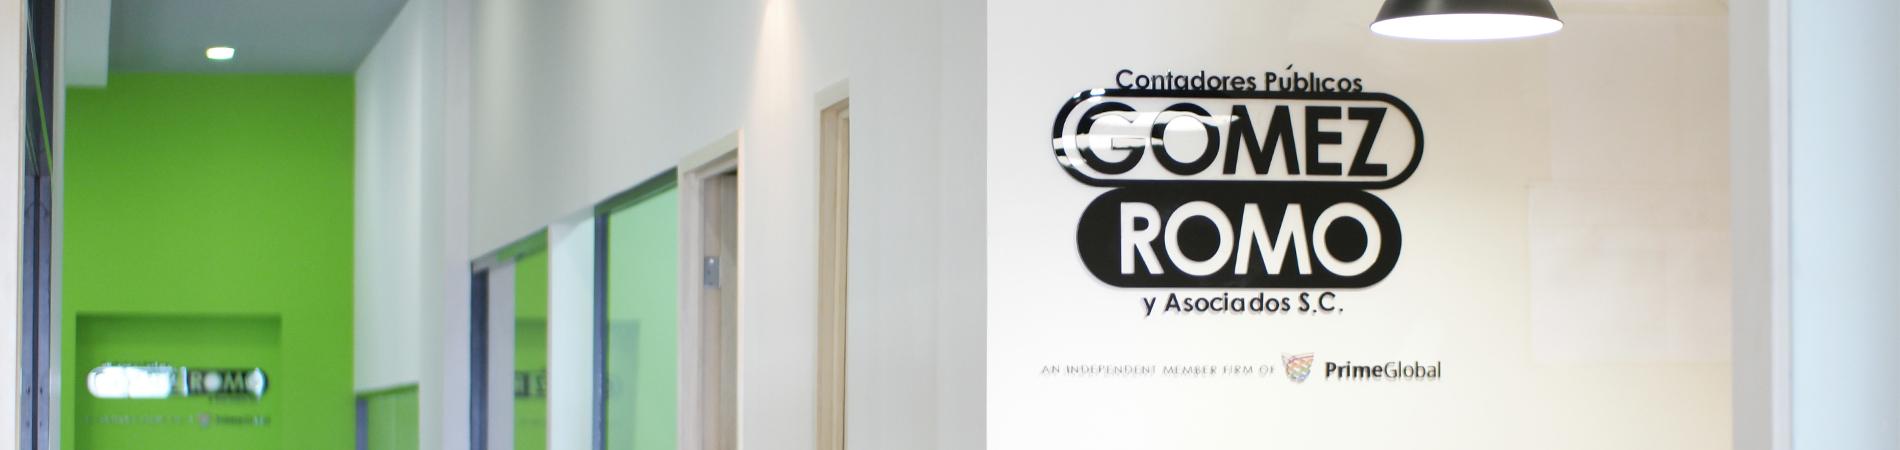 Contadores Públicos Gomez Romo y Asociados S.C.